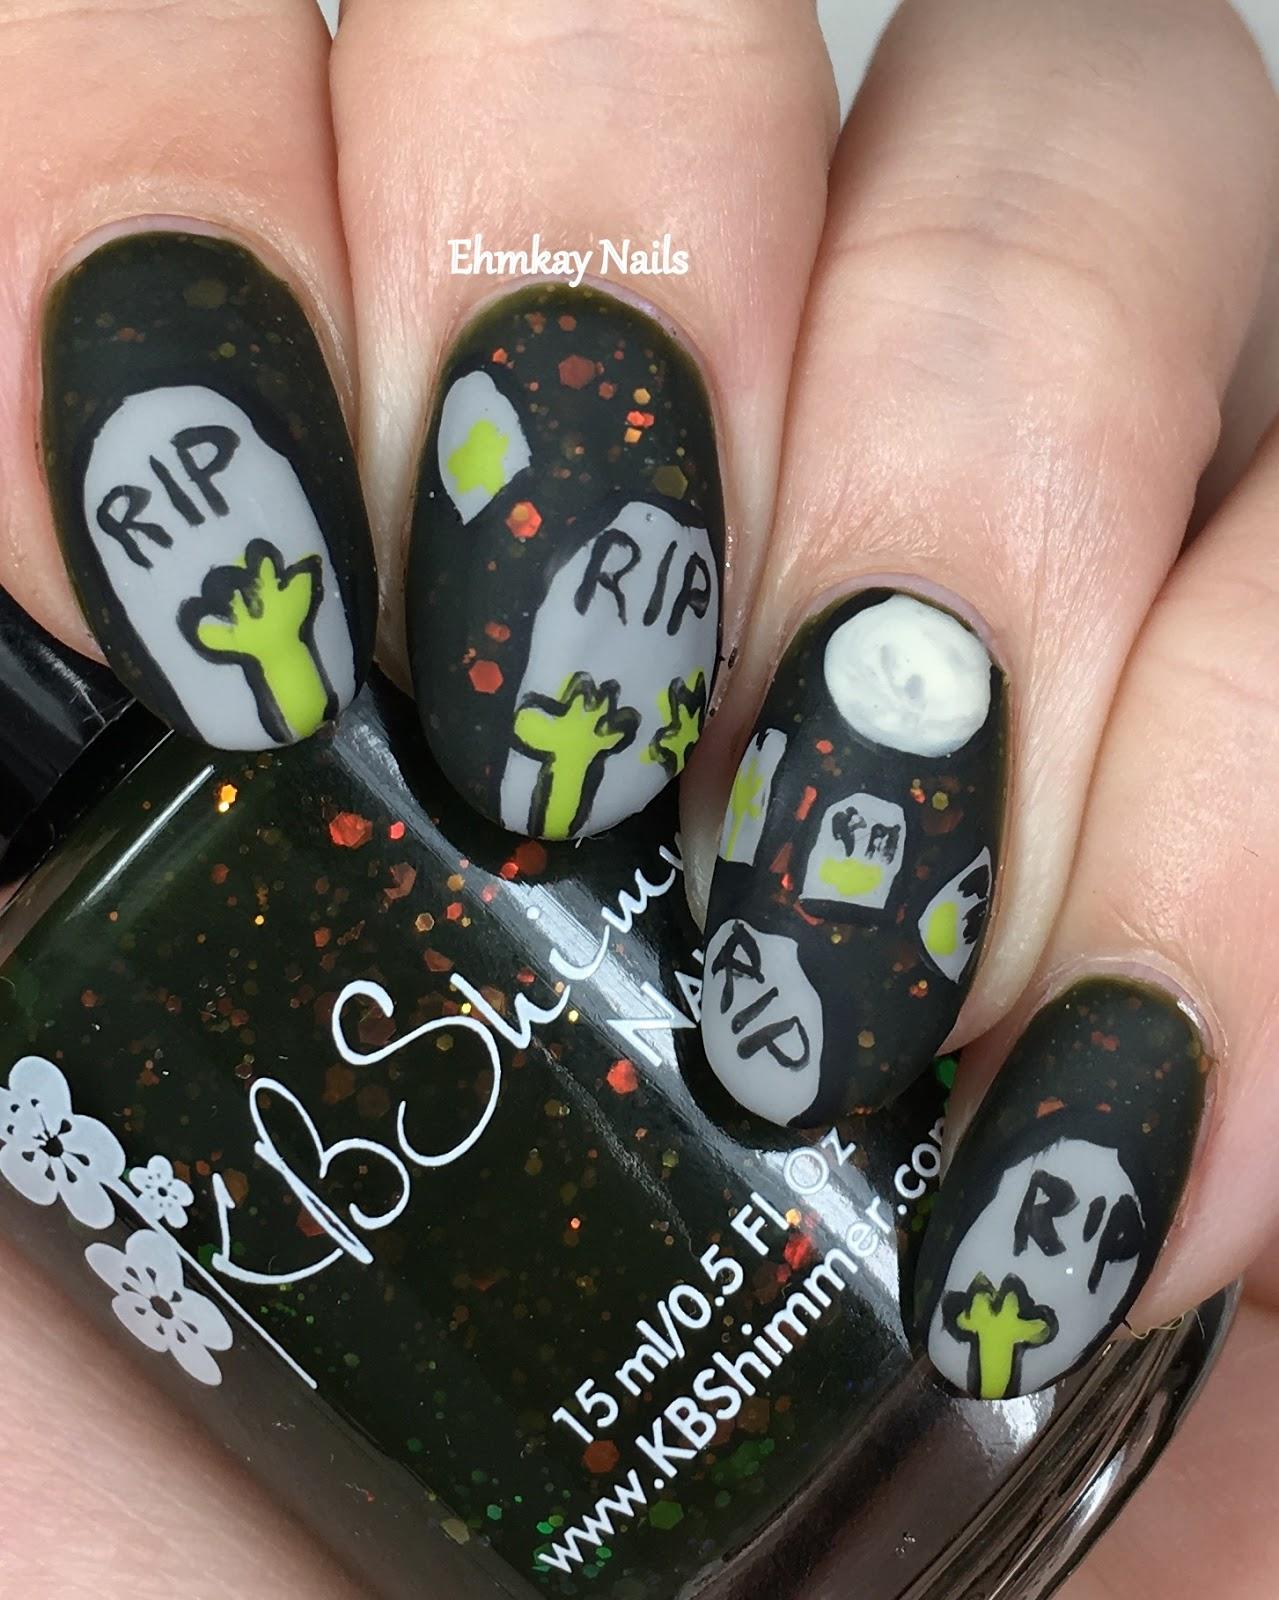 Ehmkay nails halloween nail art from ehmkay nails recap day 1 zombie graveyard prinsesfo Choice Image